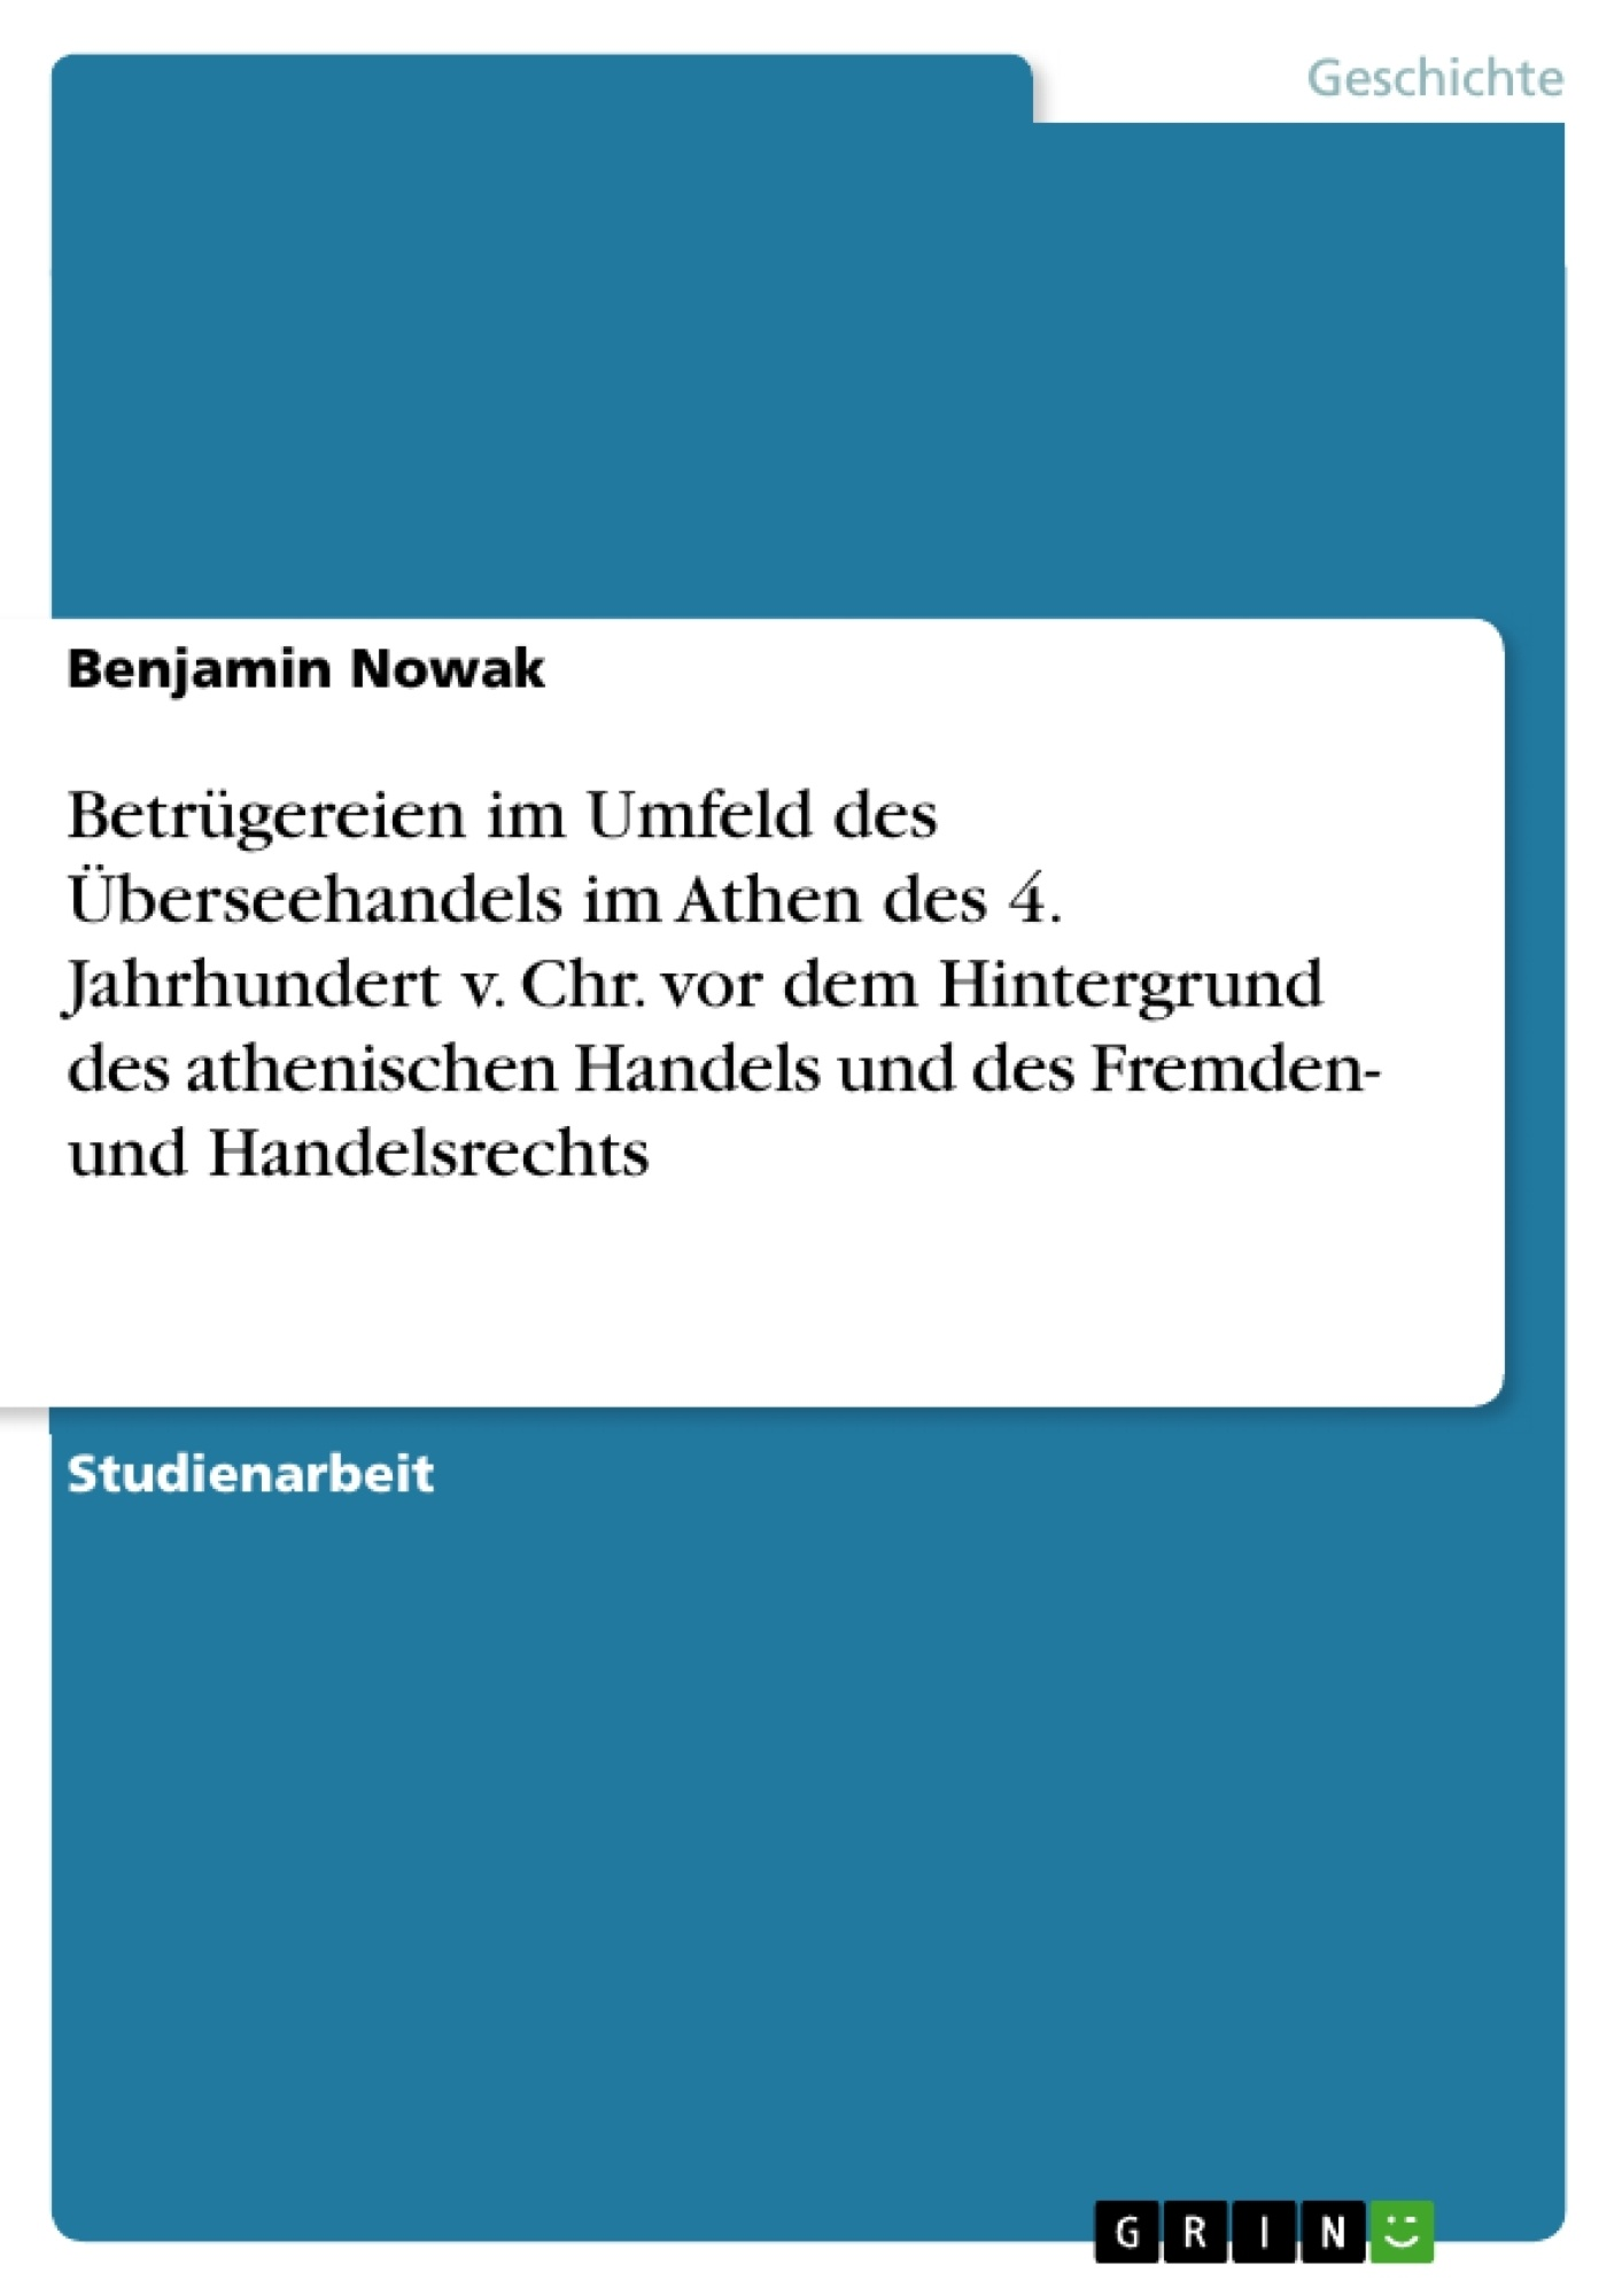 Titel: Betrügereien im Umfeld des Überseehandels im Athen des 4. Jahrhundert v. Chr. vor dem Hintergrund des athenischen Handels und des Fremden- und Handelsrechts